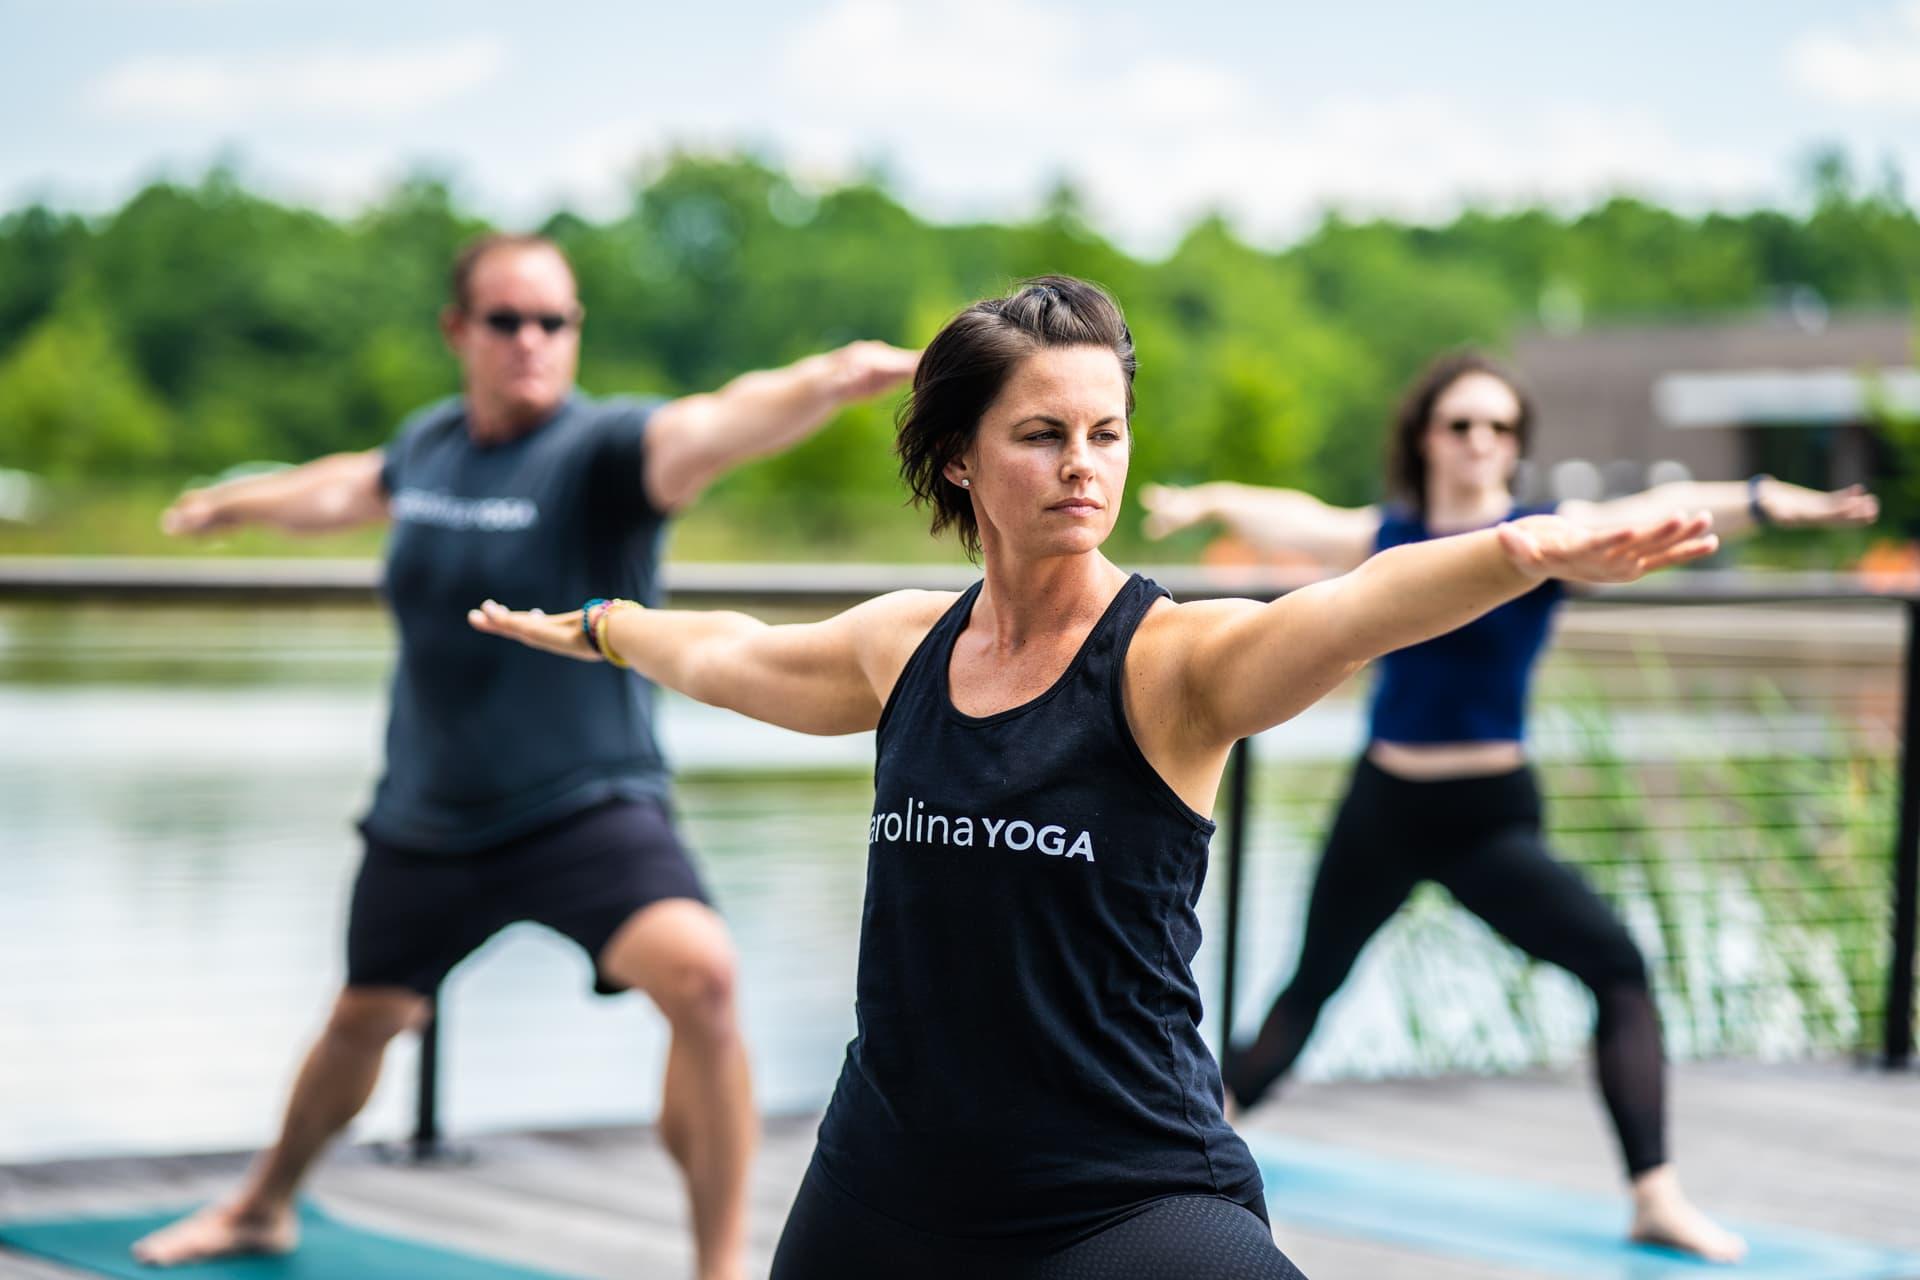 carolina yoga class outdoor